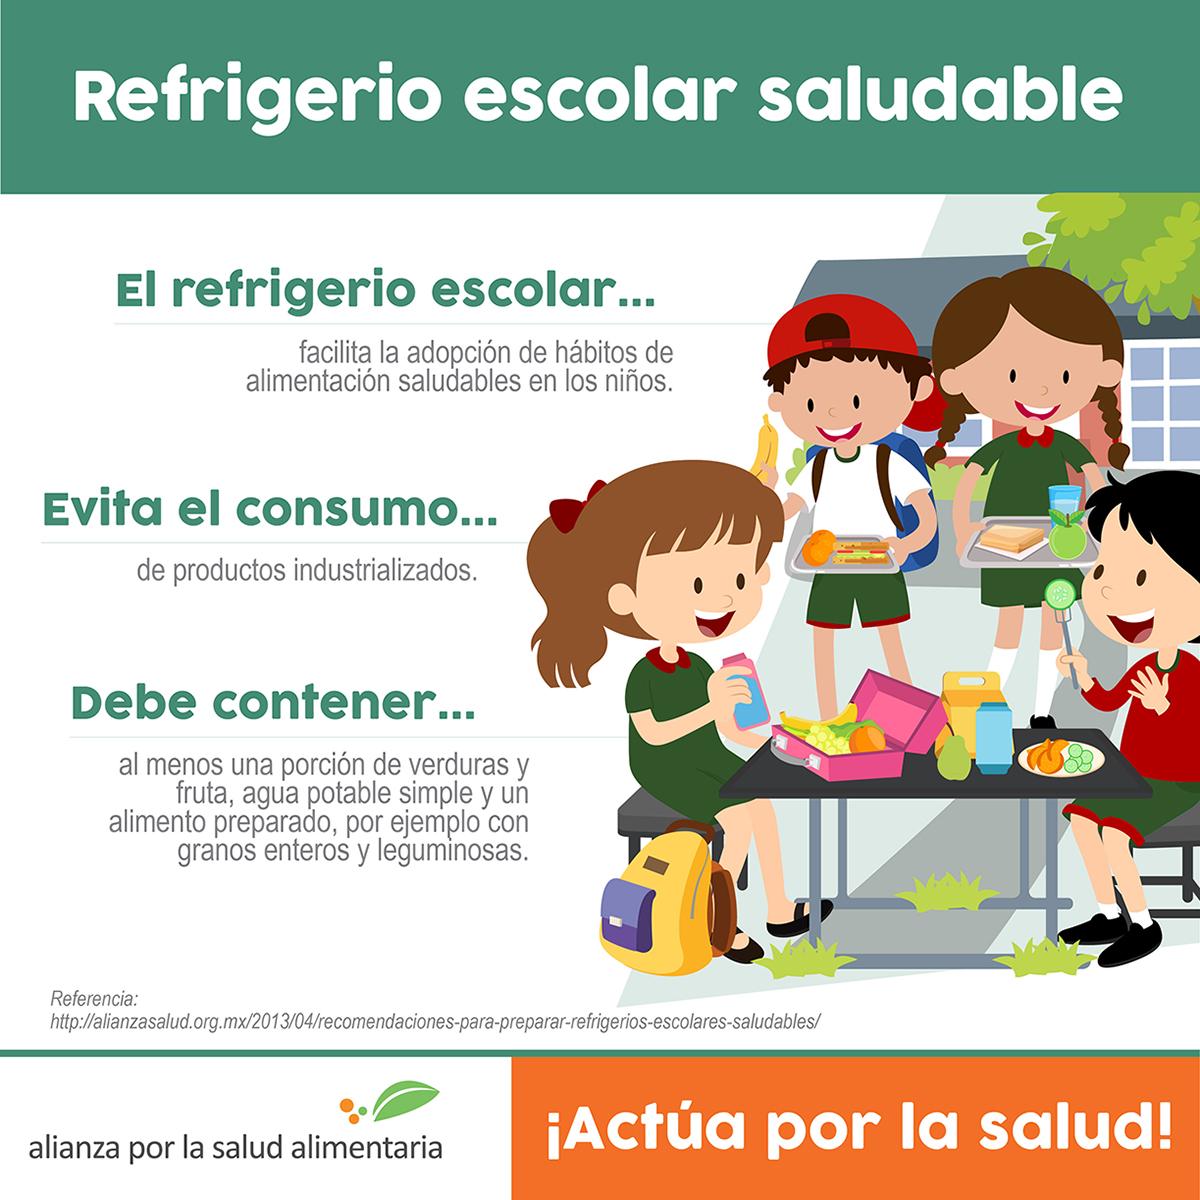 Infografía Refrigerio escolar saludable